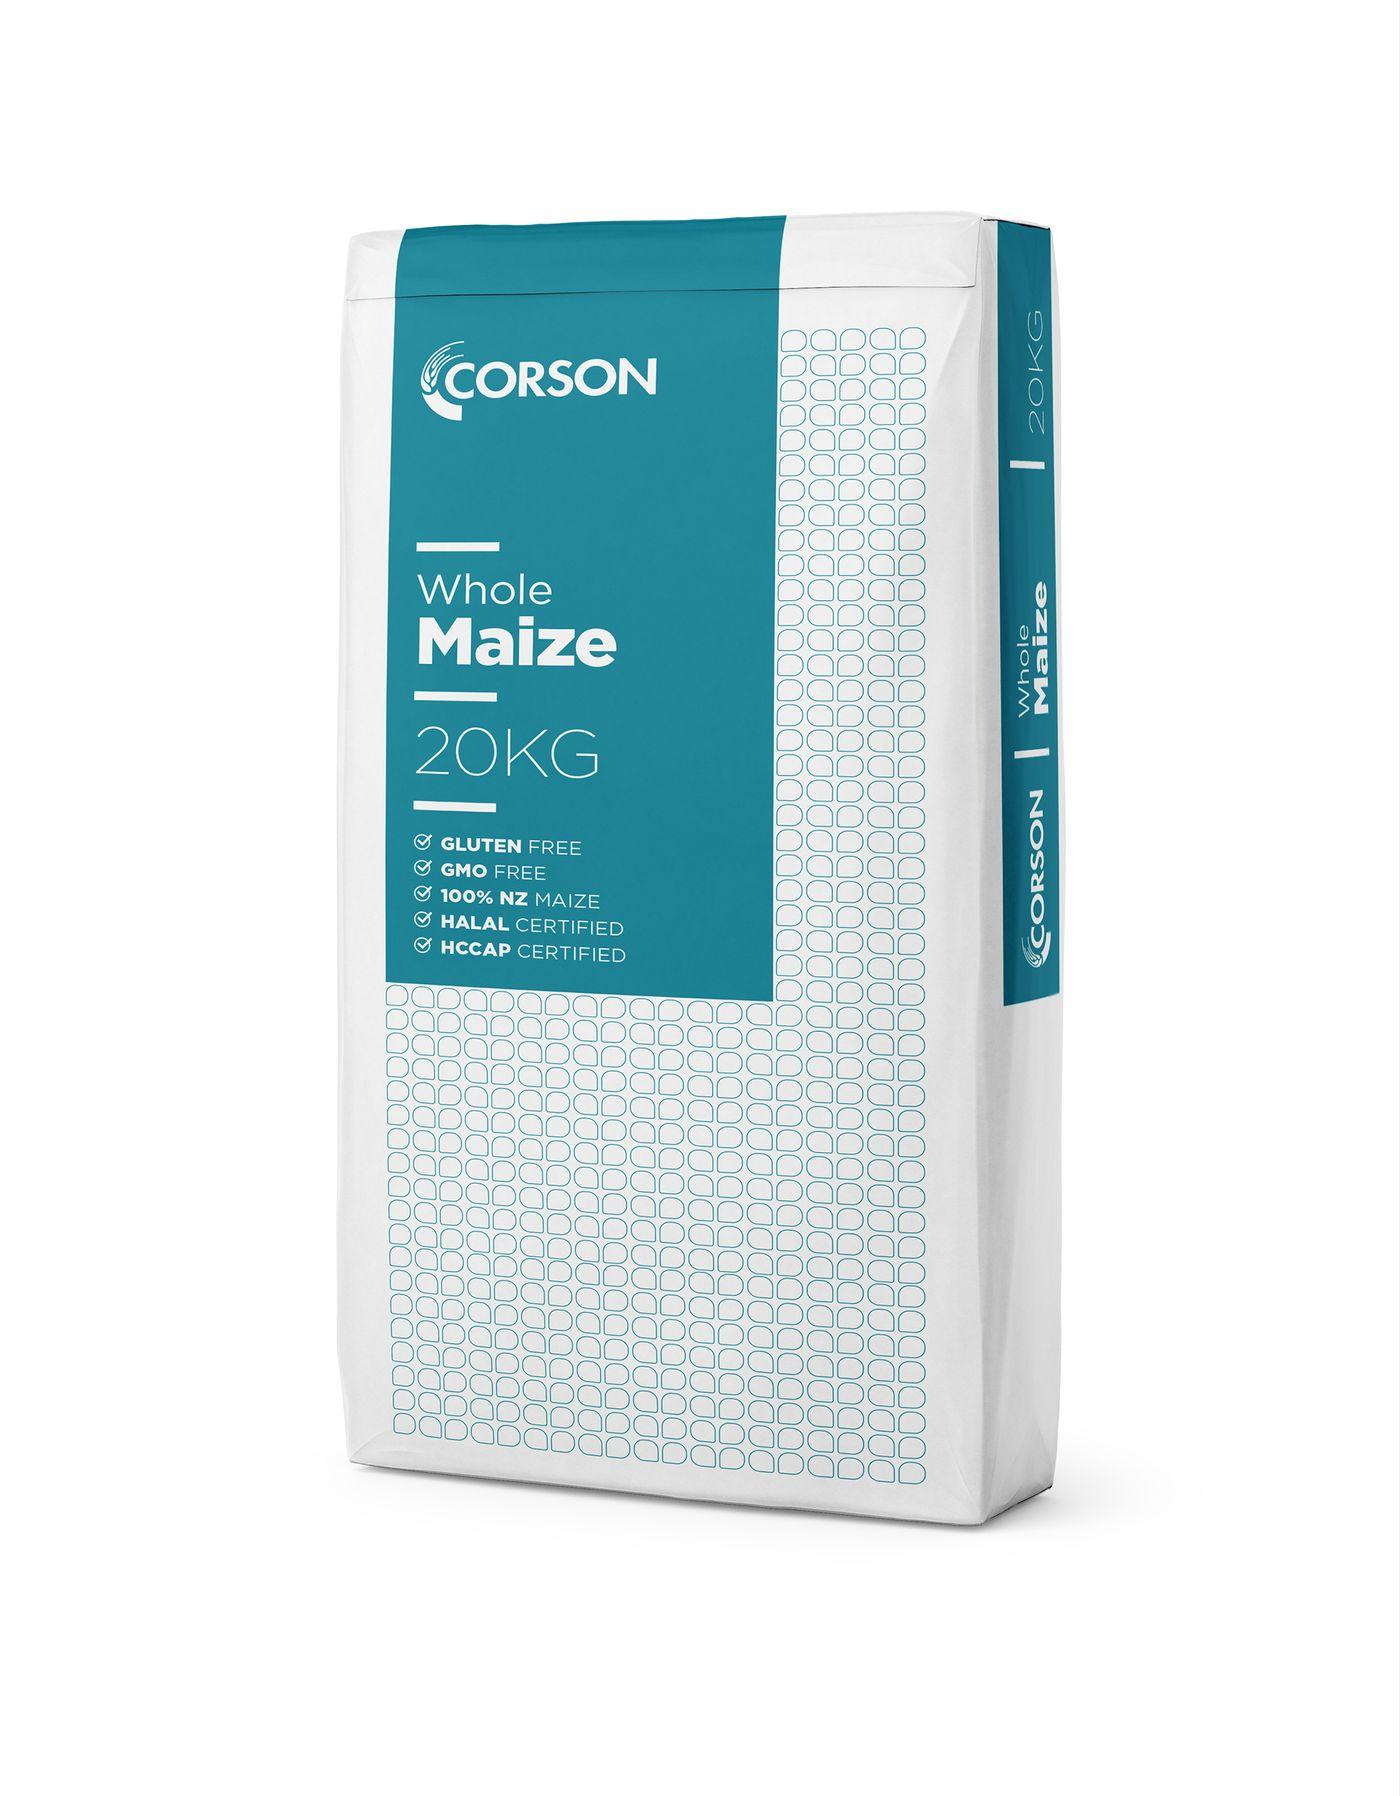 Corson Whole Maize 20kg bag